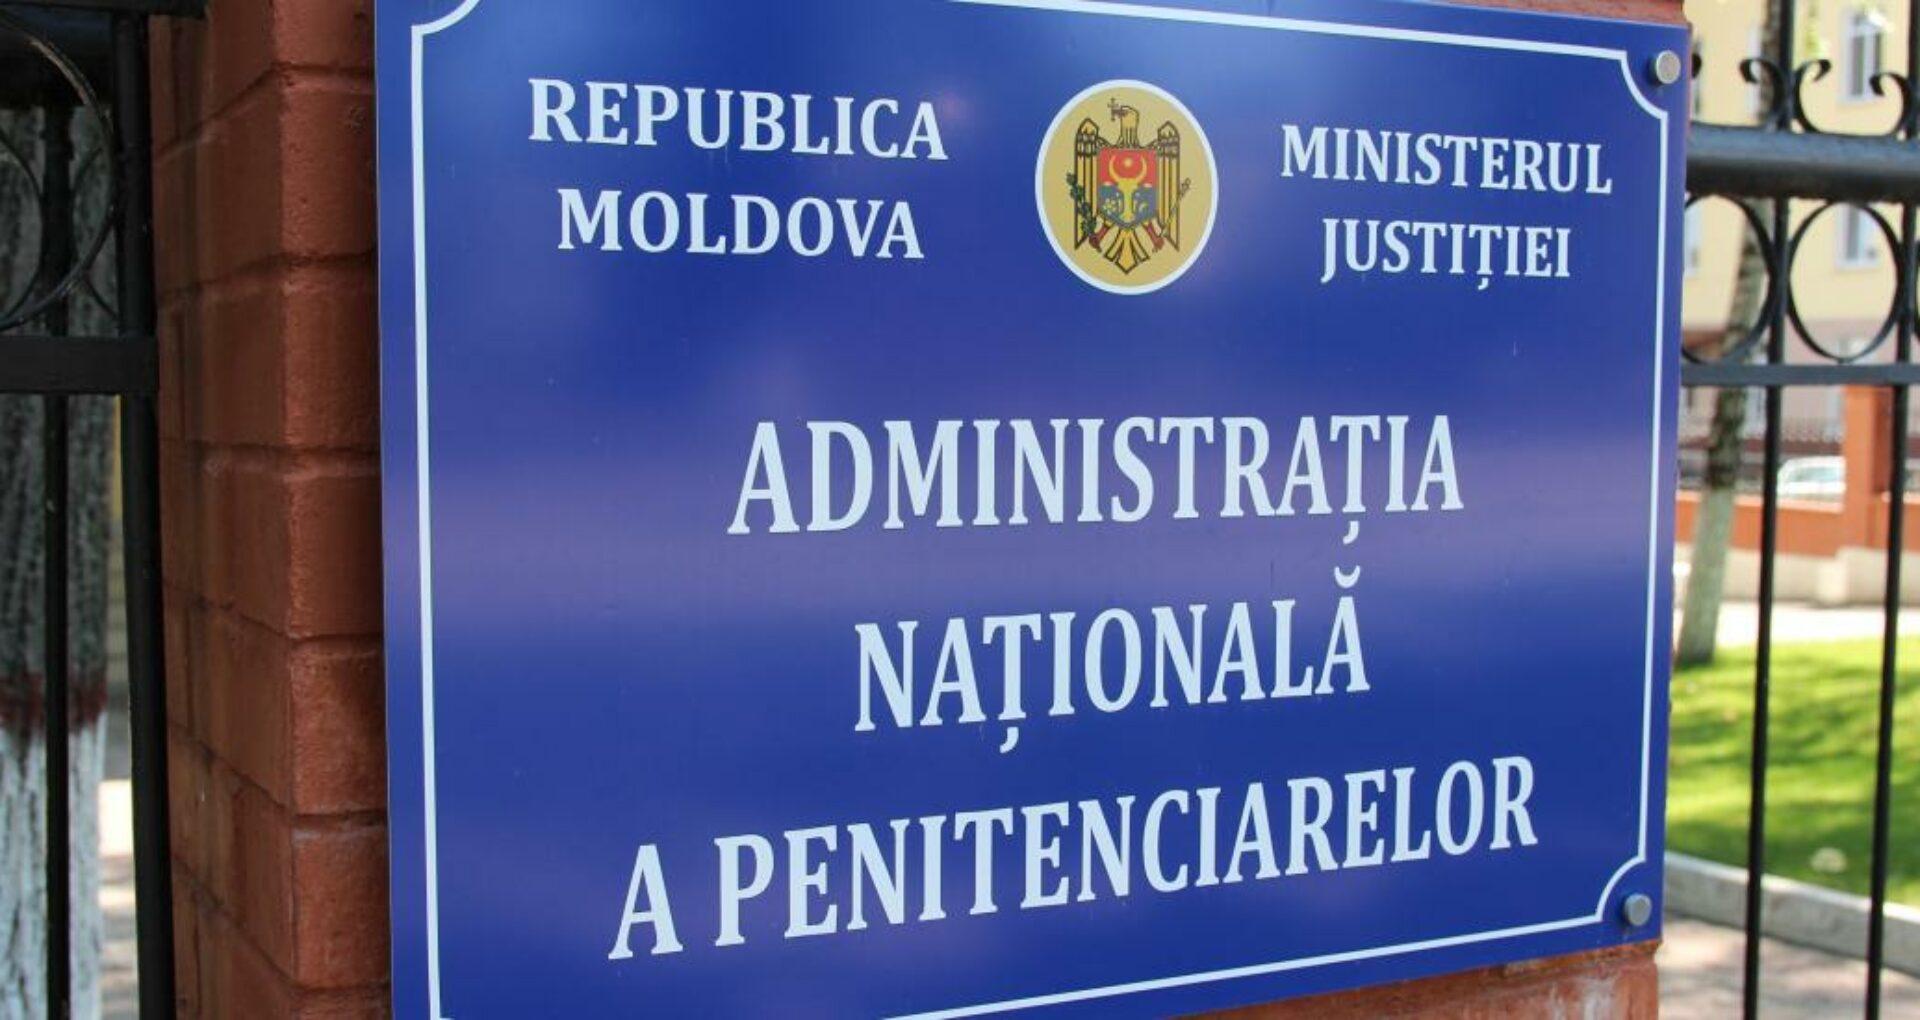 Detaliile pe care le oferă ANP în legătură cu reținerile funcționarilor din cadrul instituției